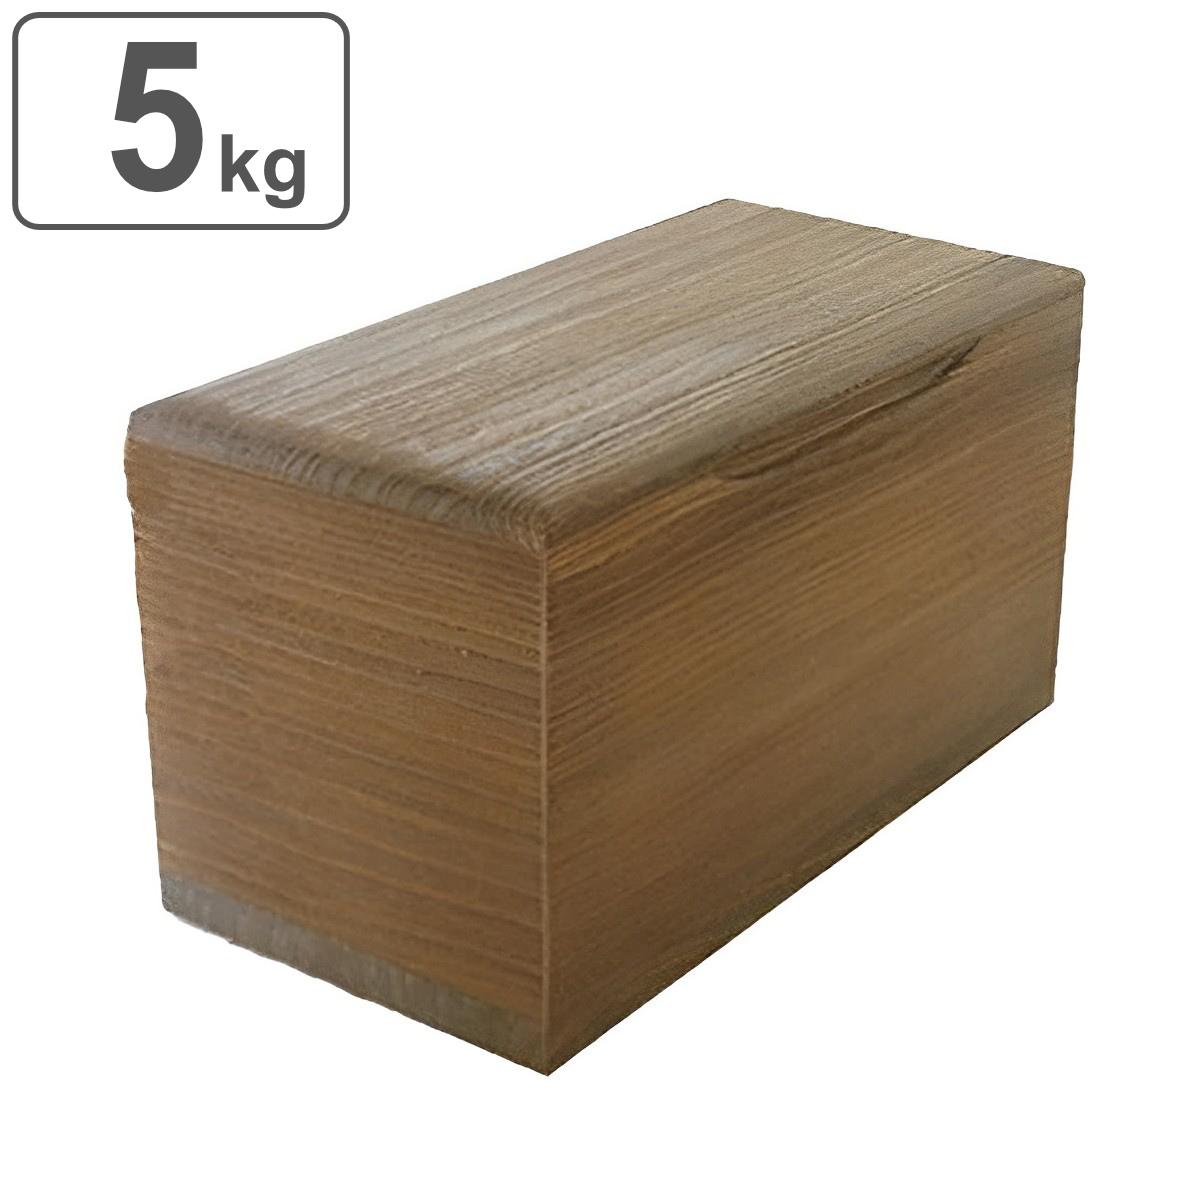 米びつ 桐製 5kg 焼桐 ( 送料無料 米櫃 ライスボックス ライスストッカー 5kg用 5キロ 桐 和風 桐製米びつ お米 収納 キッチン収納 ストッカー 保存 キッチン こめびつ ) 【5000円以上送料無料】